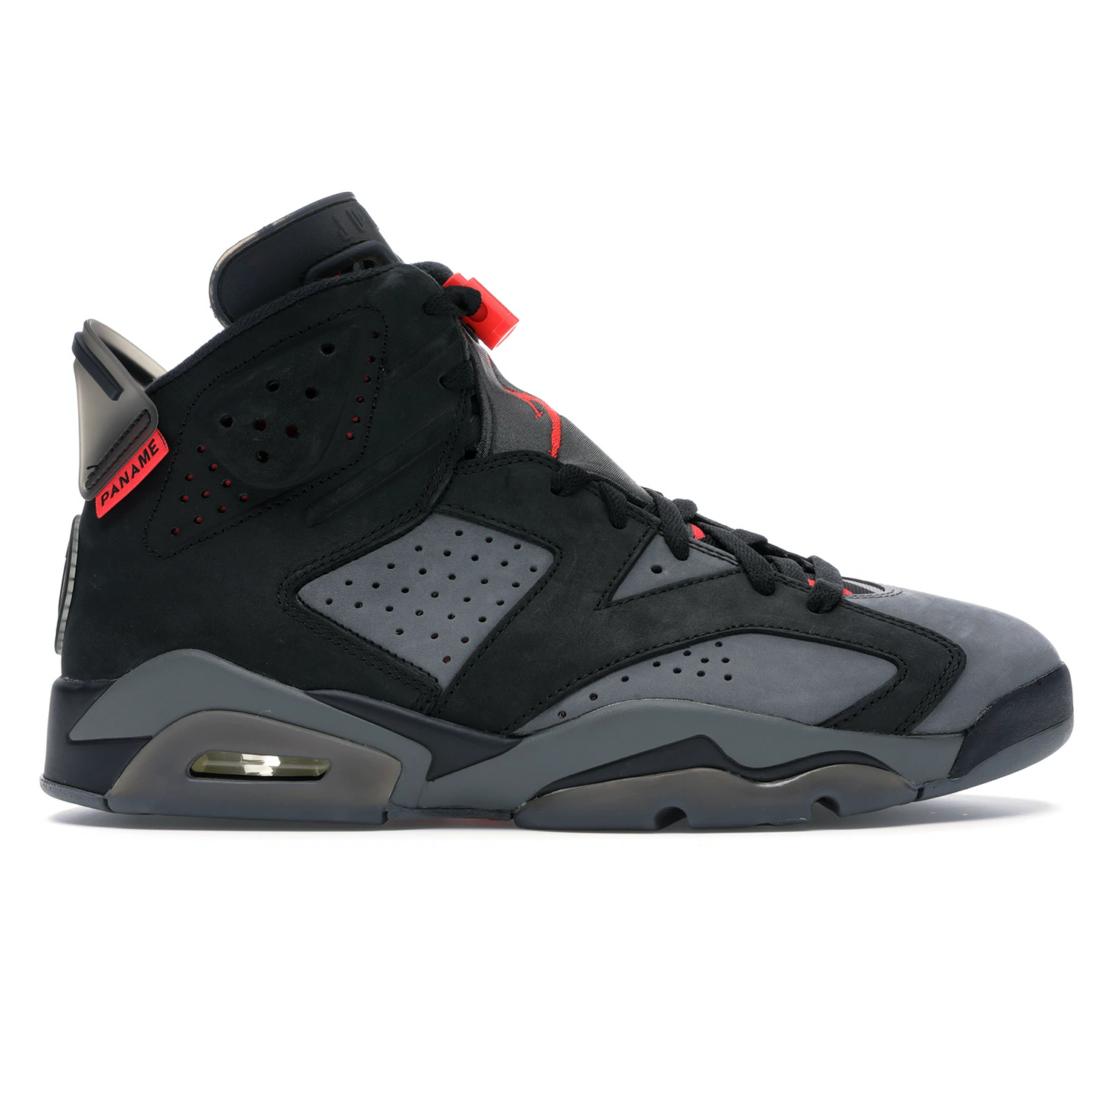 Air Jordan 6 Retro X Psg Paris Saint Germain Shoes Blvcks Street Culture